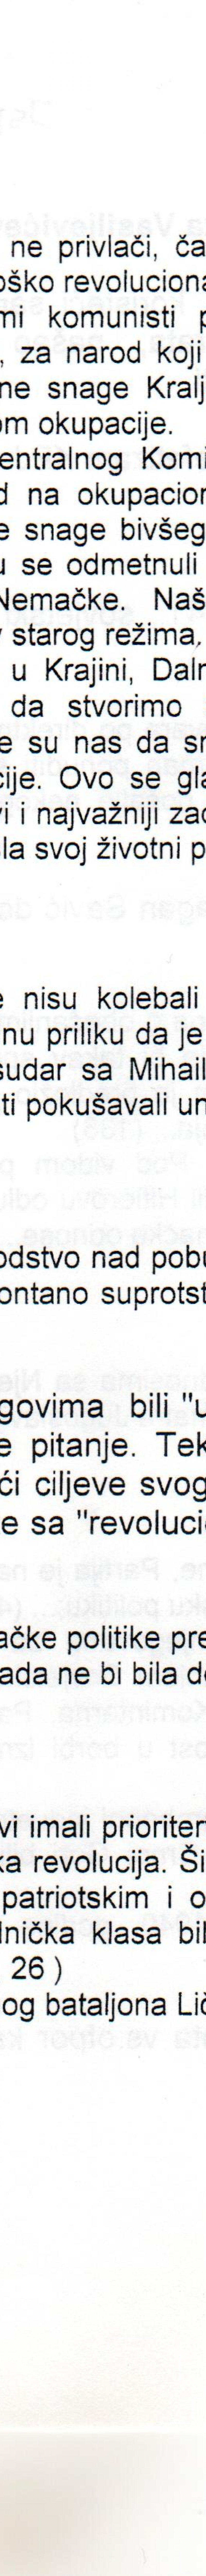 Dra-30.jpeg